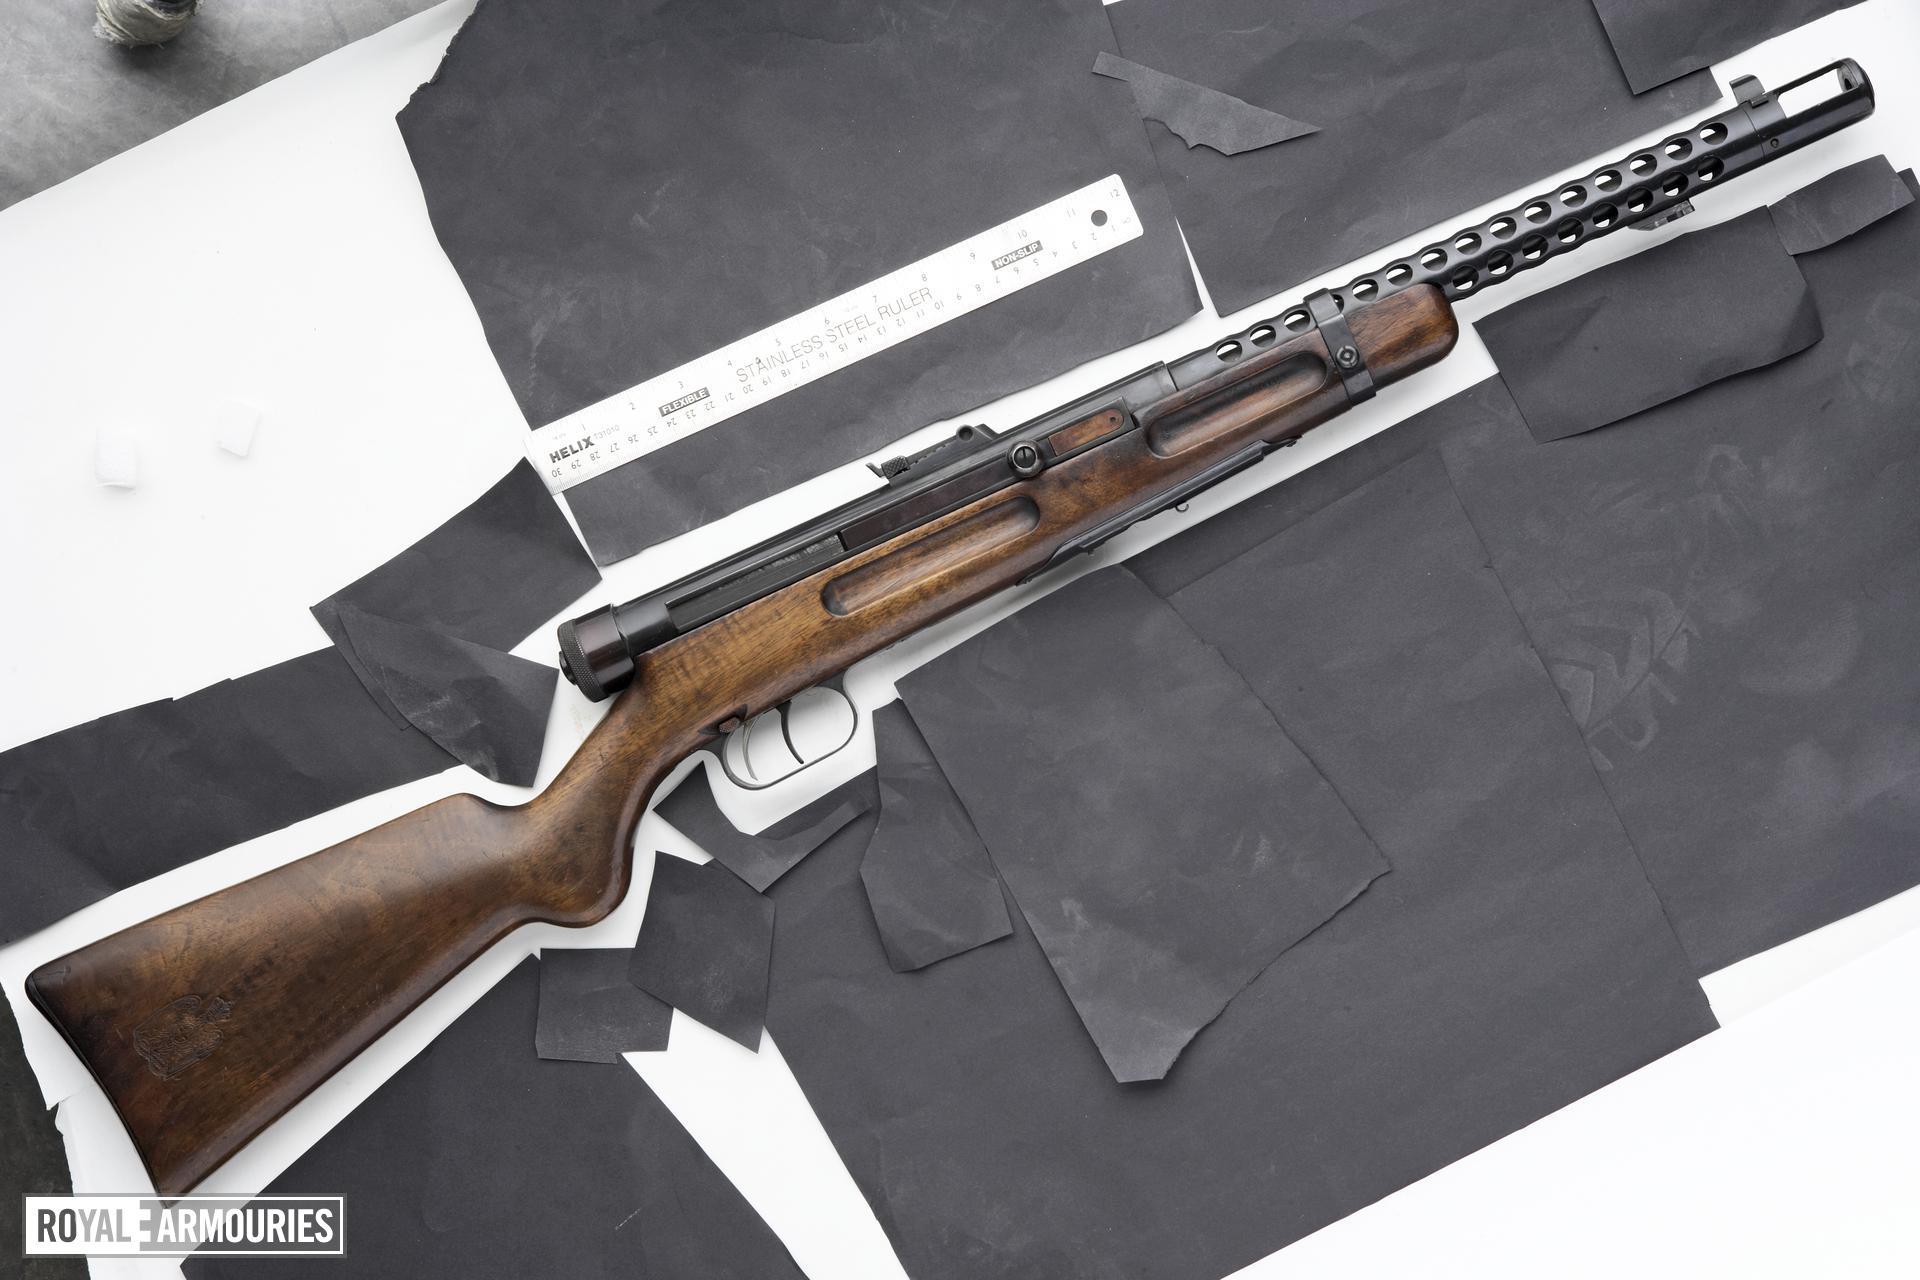 Centrefire automatic submachine gun - Beretta Model 1938A